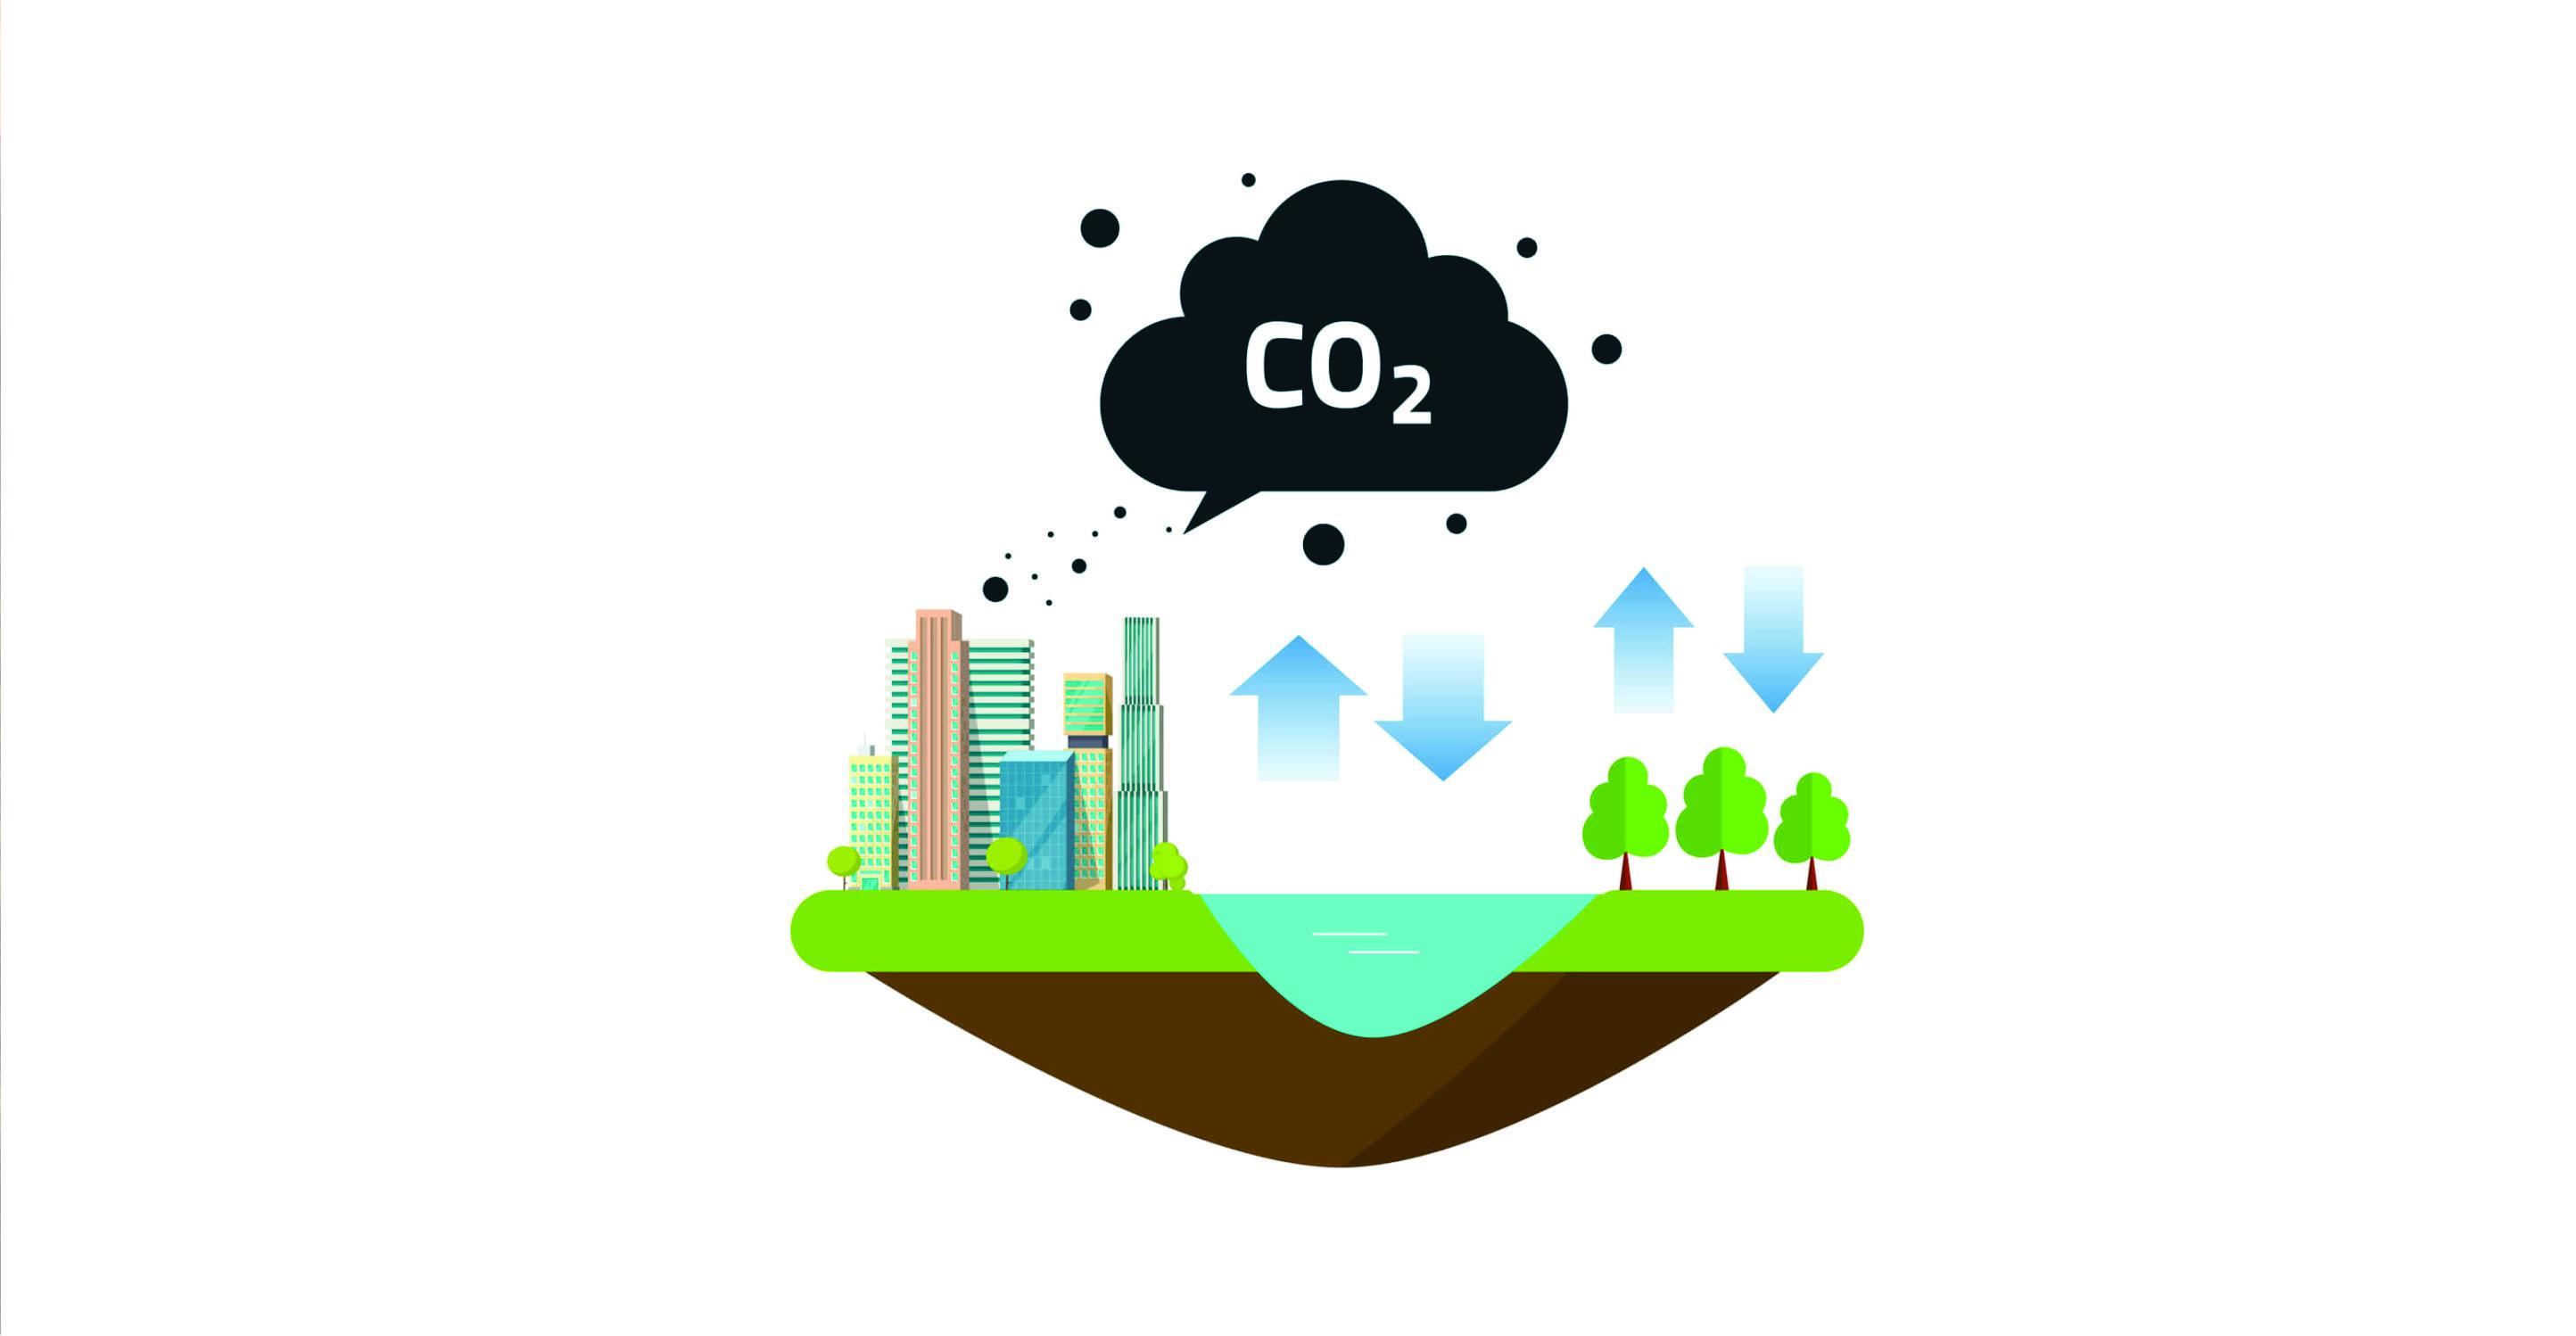 Sequestro de carbono florestal: precificação e rentabilidade econômica -  Blog Mata Nativa